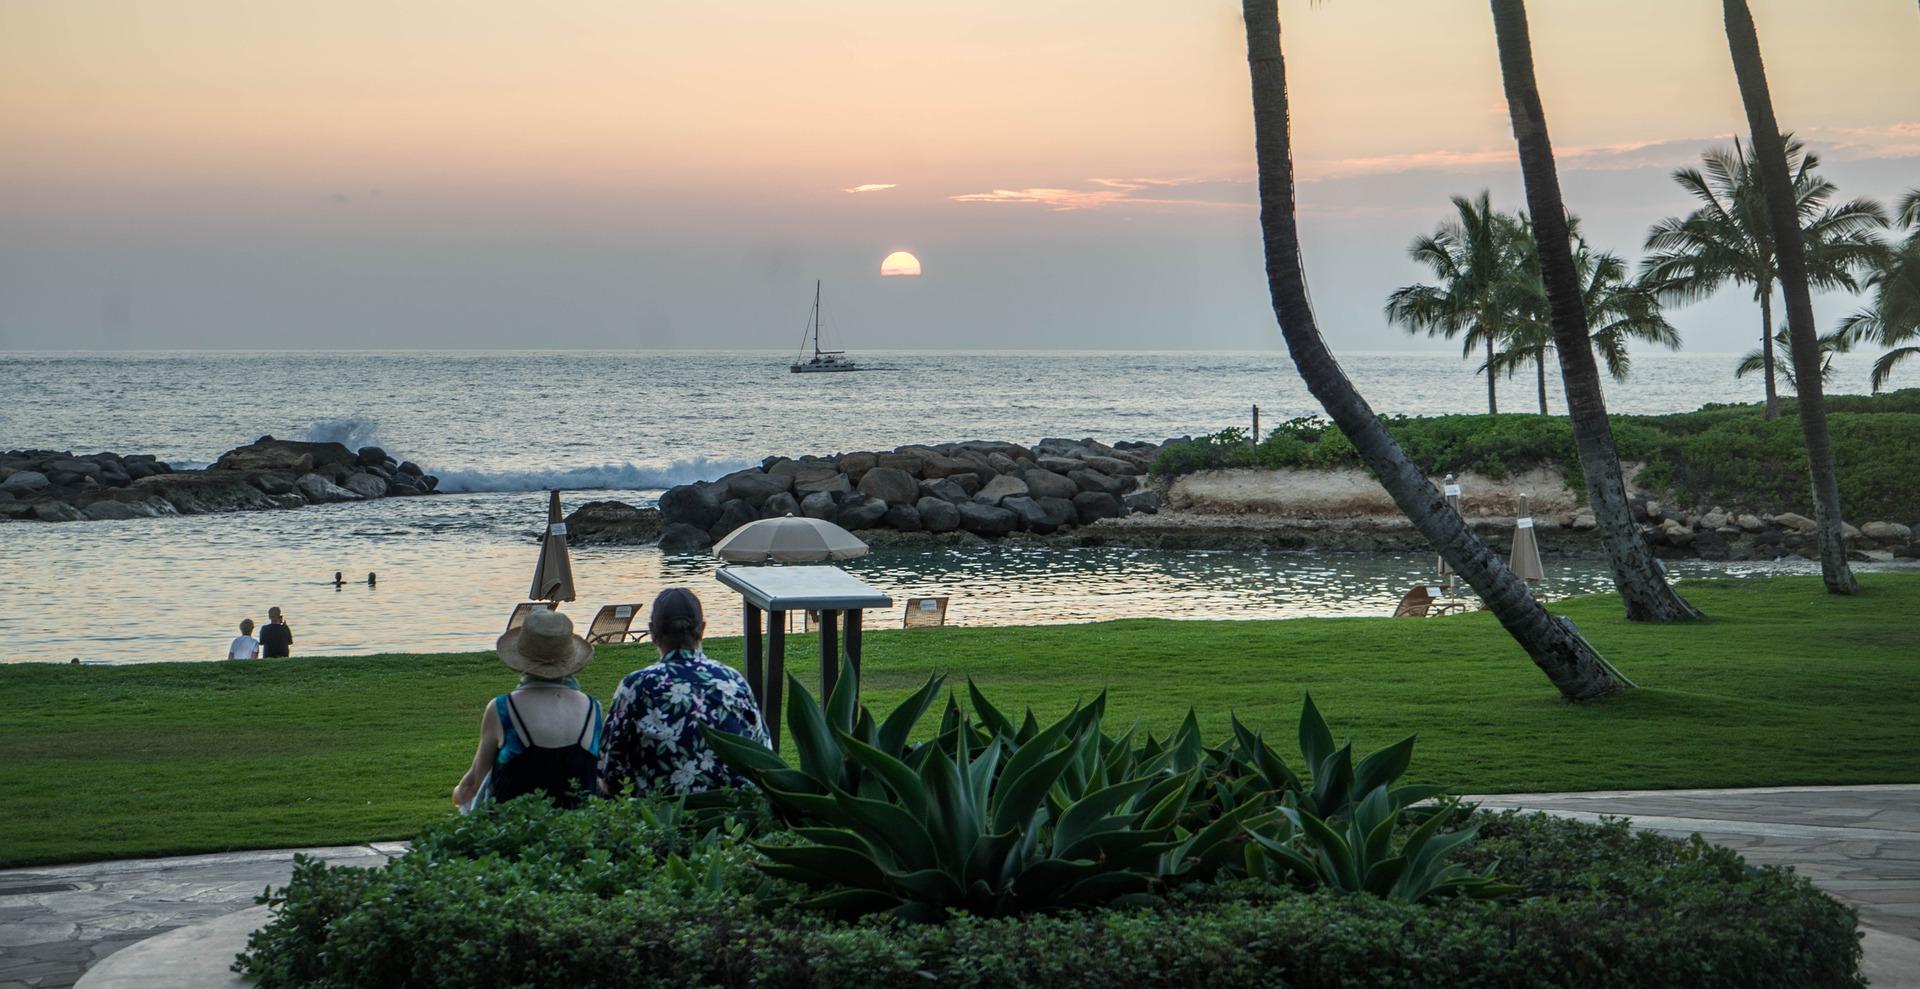 Quels sont les plus belles îles d'Hawai ?